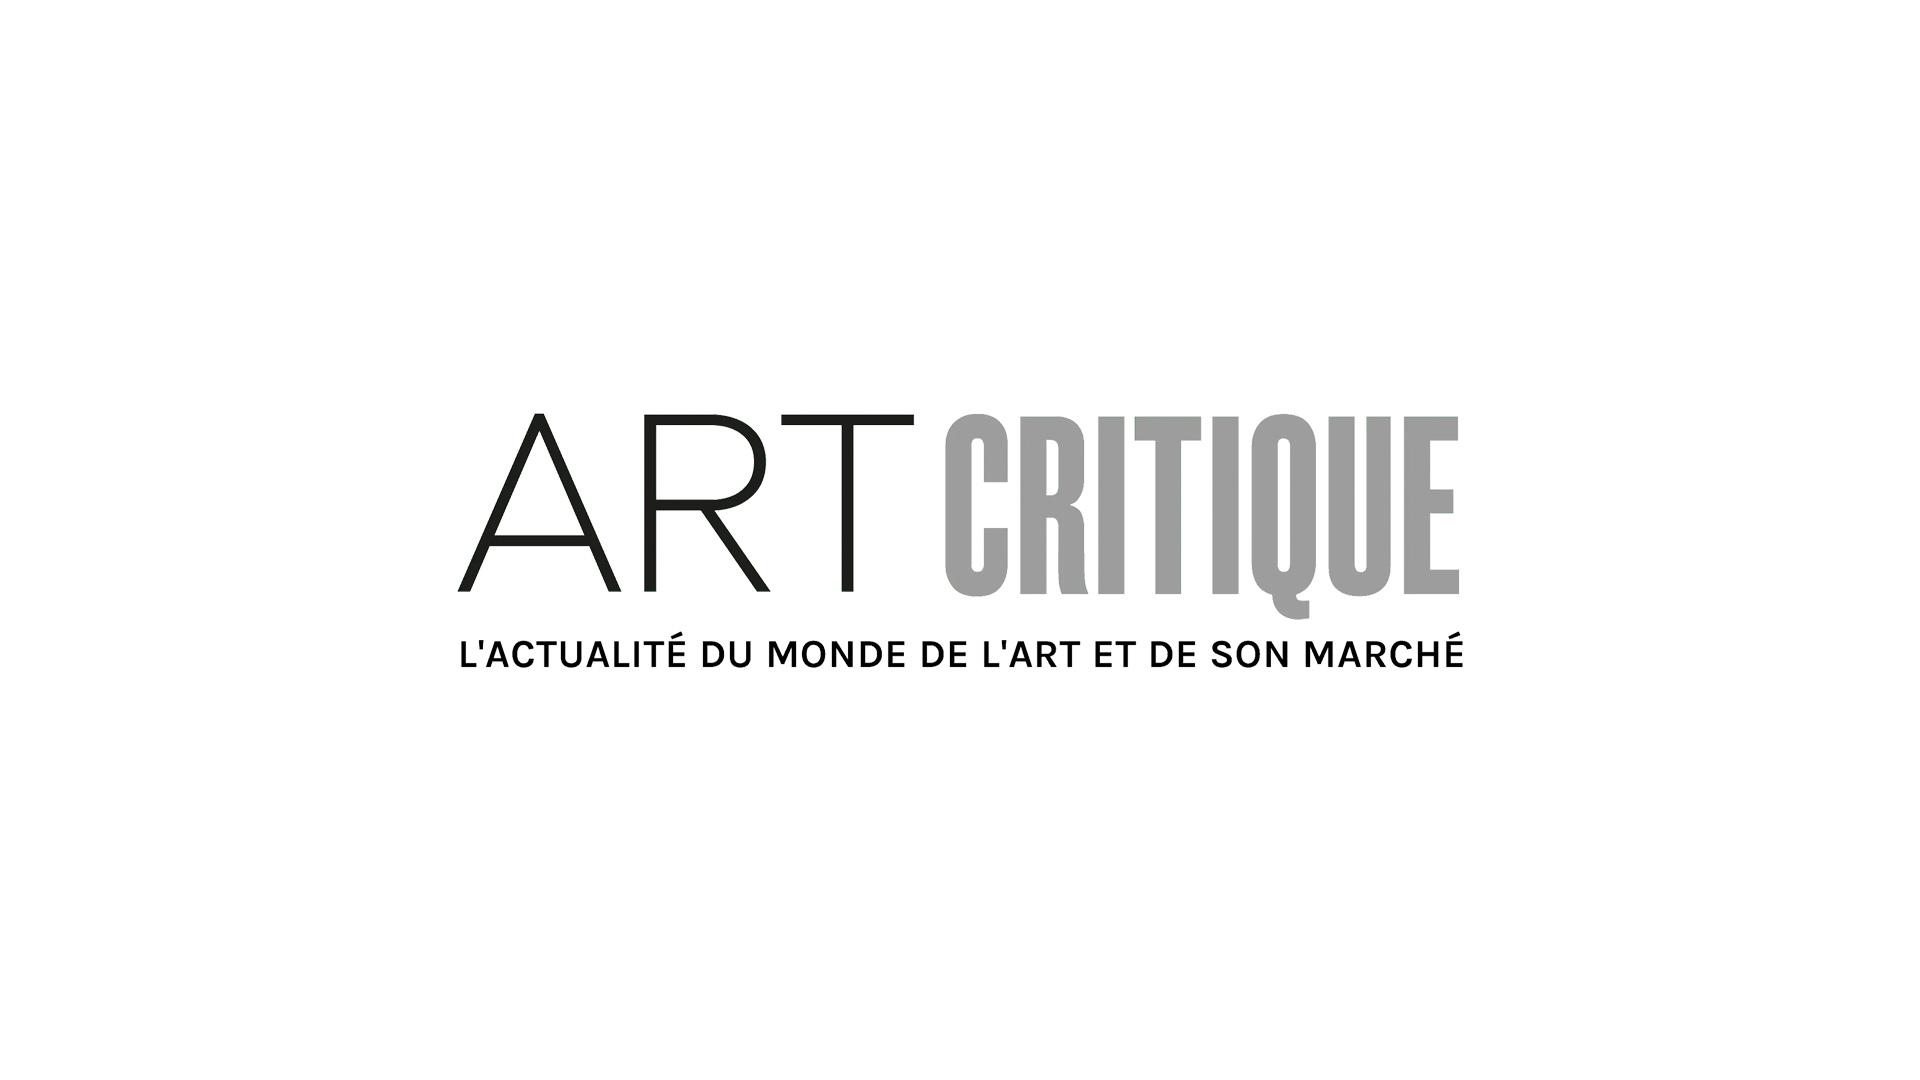 Une œuvre monumentale de Georg Baselitz bientôt en vente